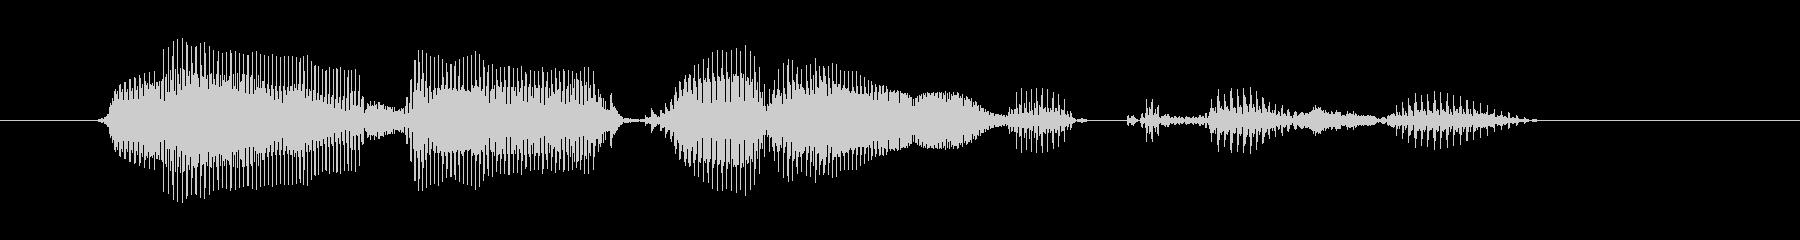 モードを選んでくださいの未再生の波形